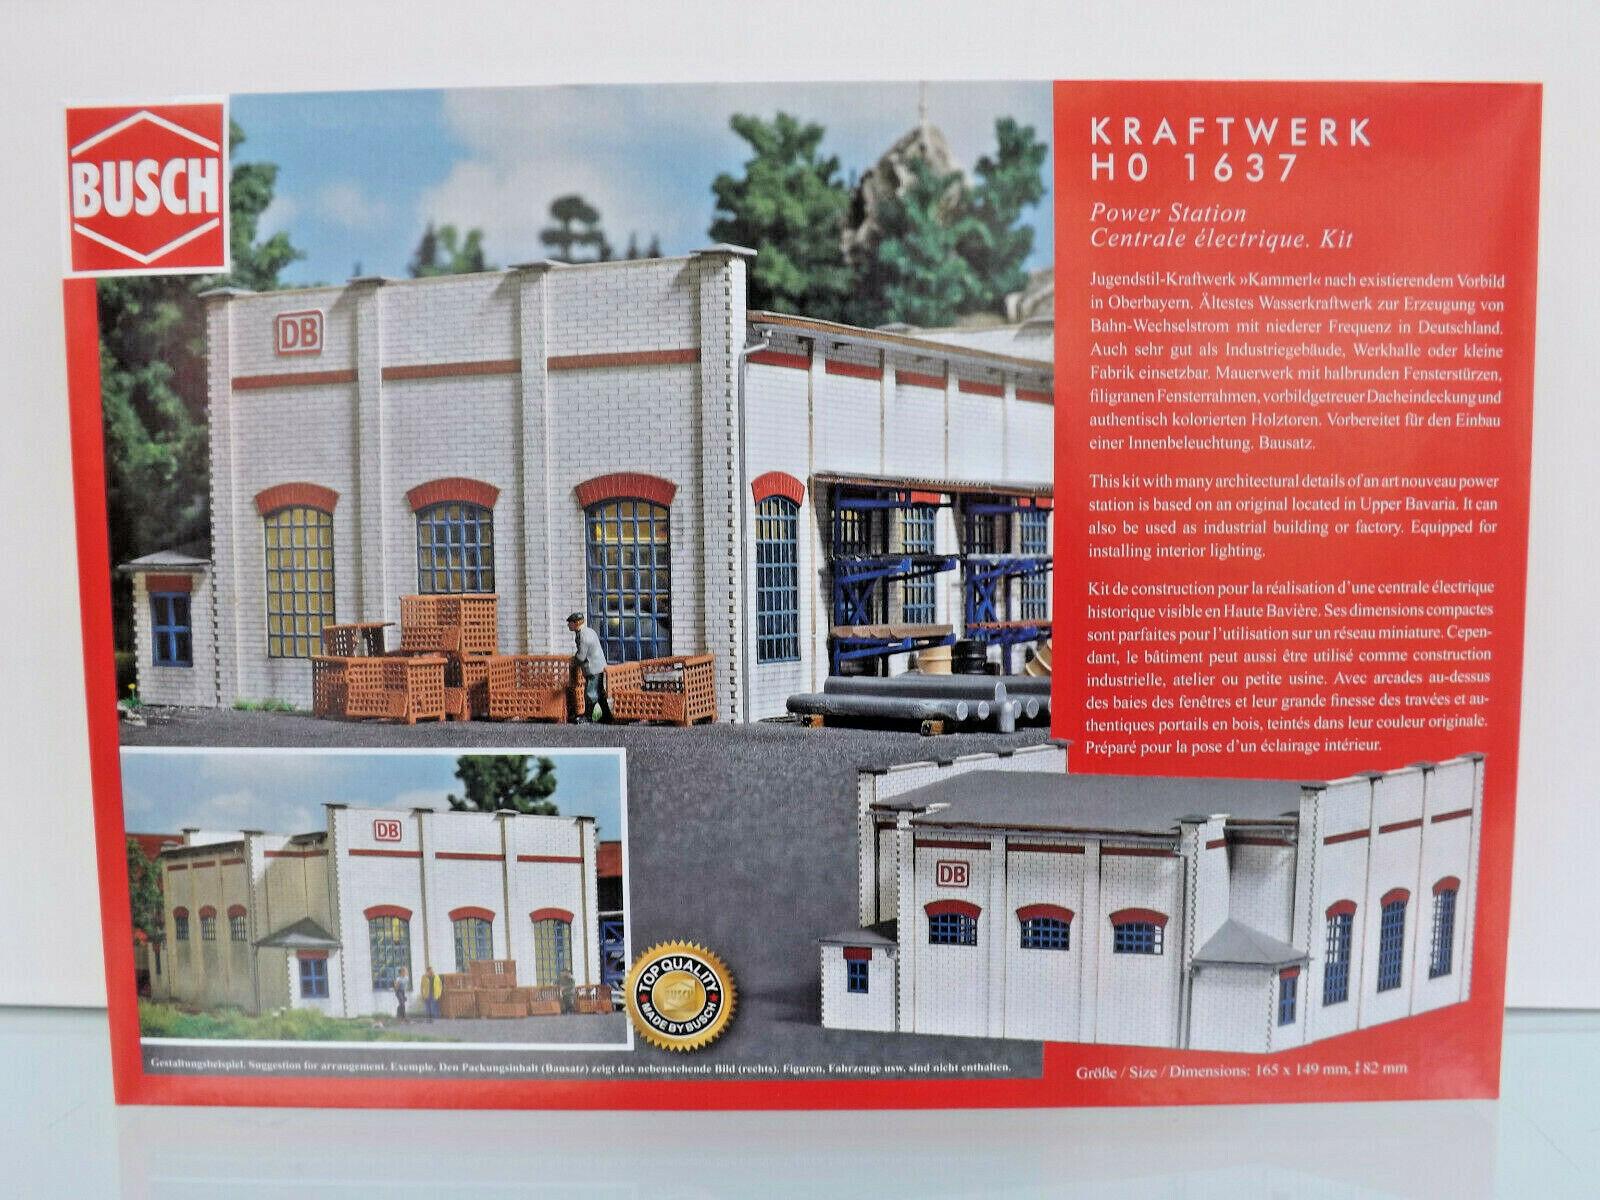 Busch 1637-h0 Kit-planta de energía-nuevo en caja original